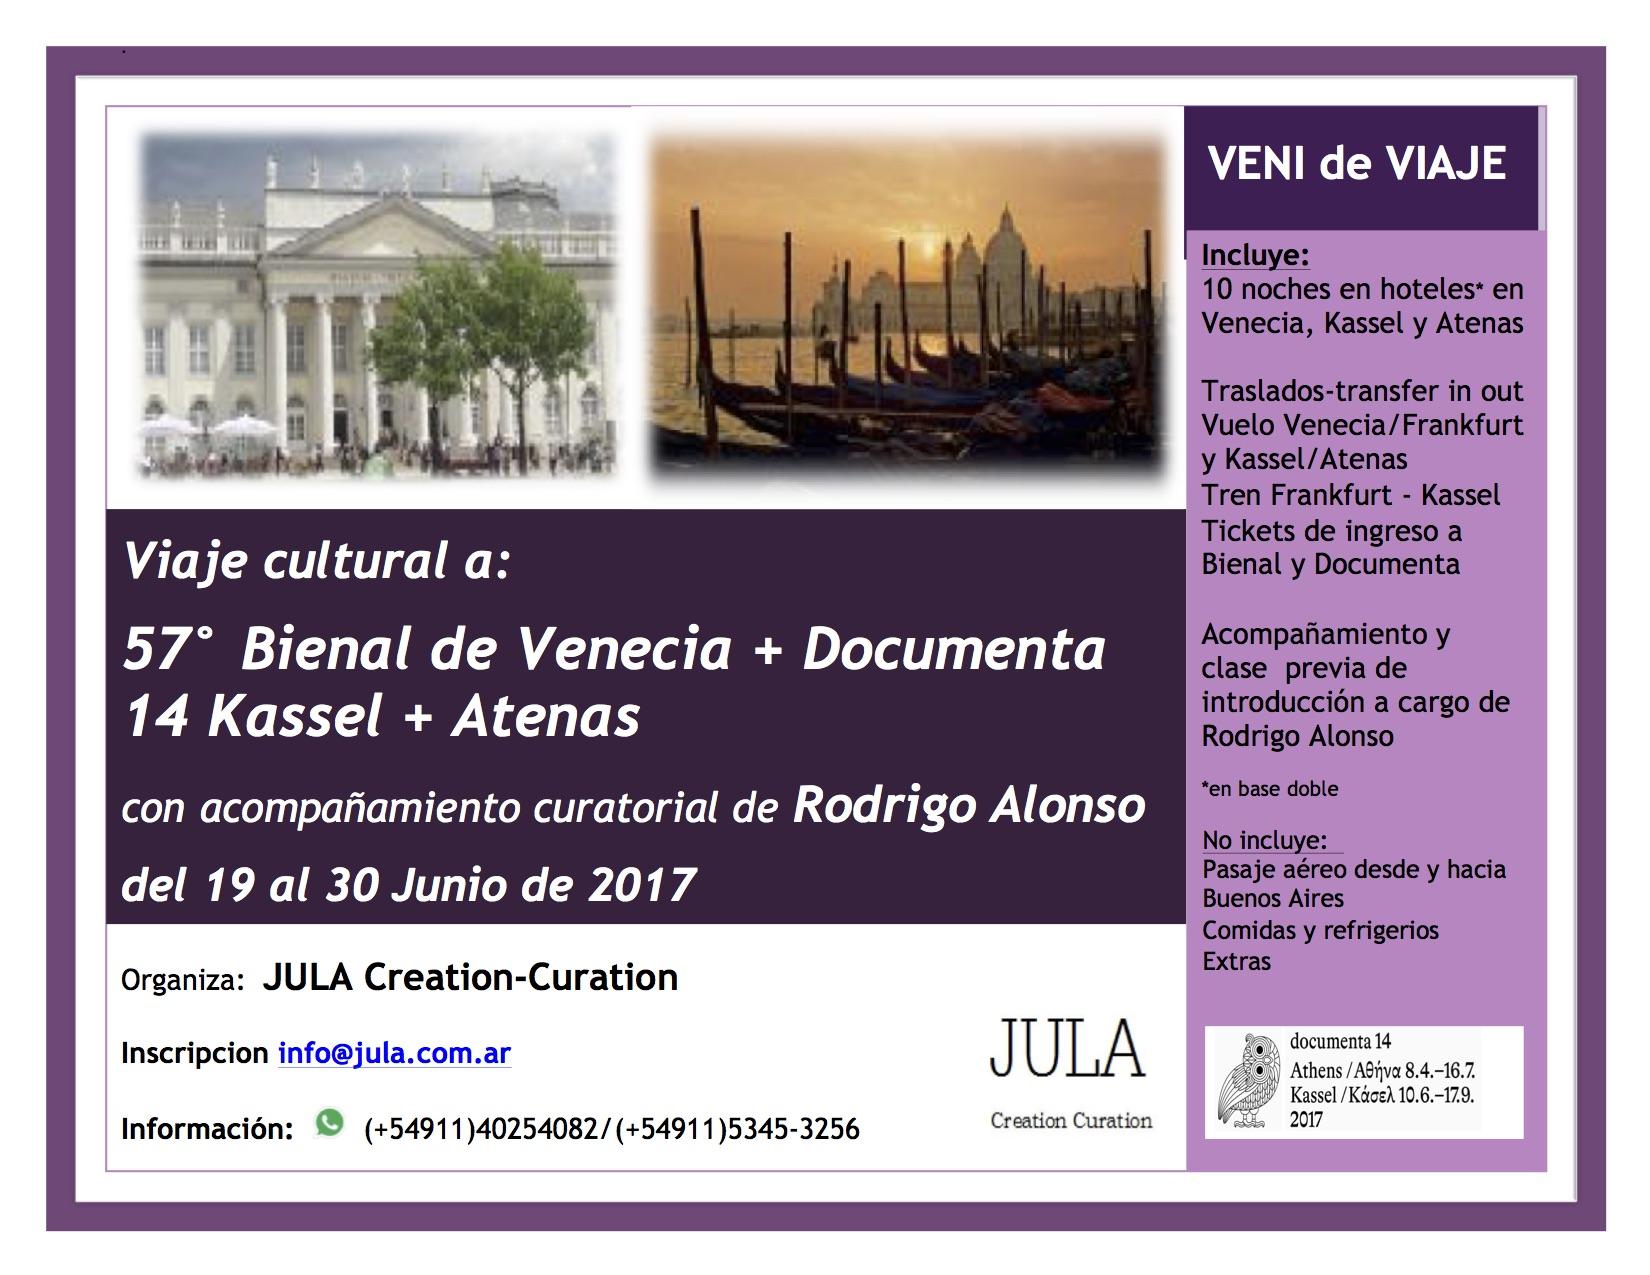 Viaje,54Bienal Venecia,14 Documenta Kassel y Atenas, del 19a30 Junio 2017